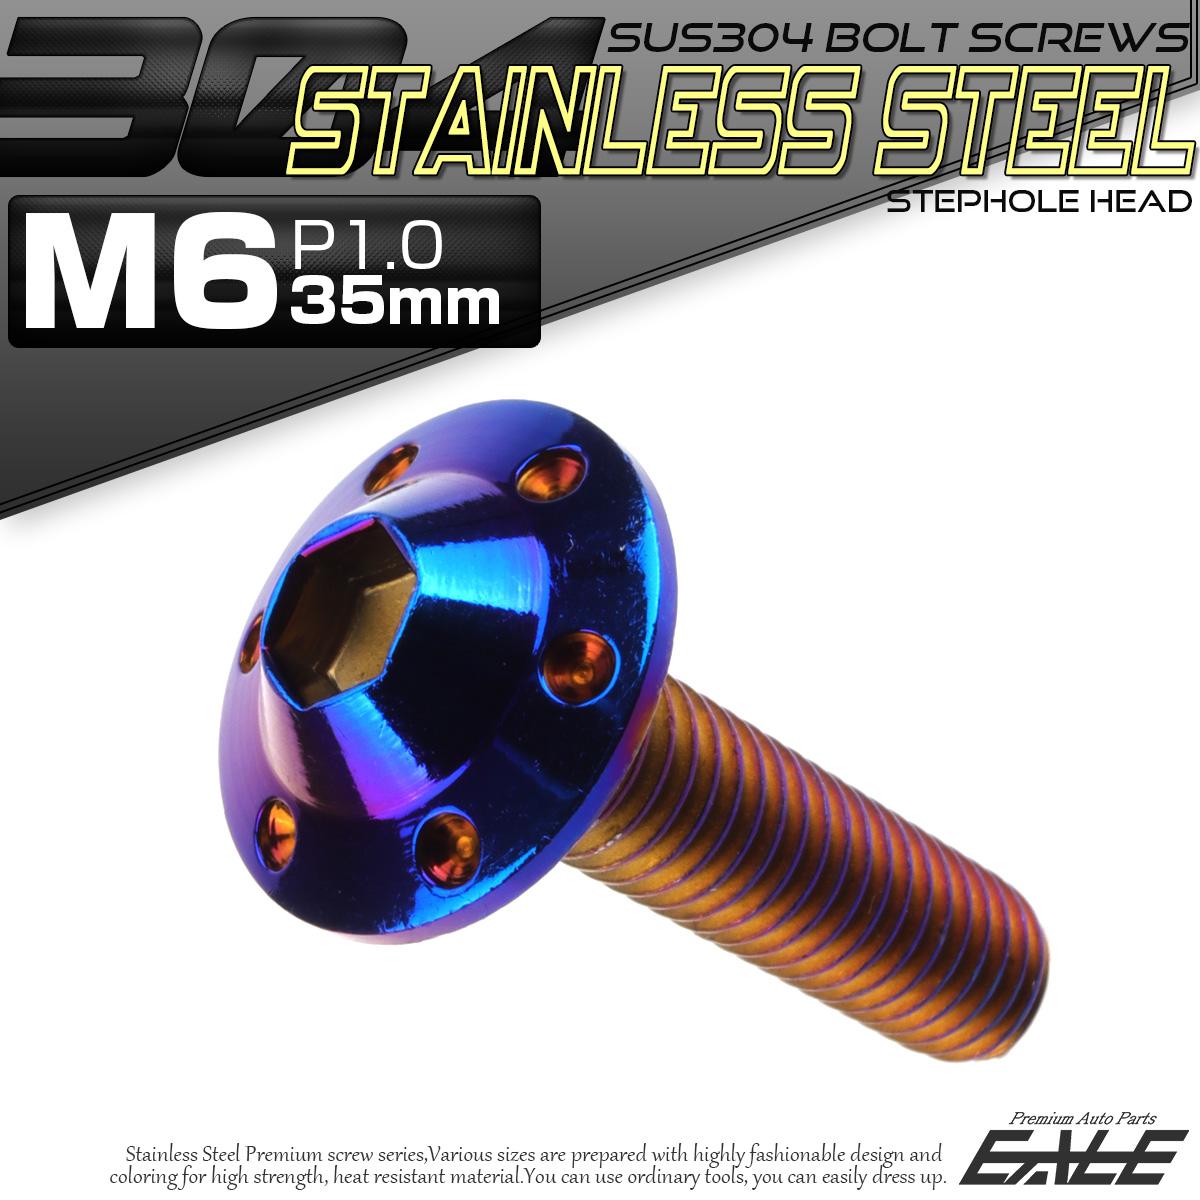 SUS304 フランジ付 ボタンボルト M6×35mm P1.0 六角穴  焼きチタン ステップホールヘッド ステンレス製 TR0210